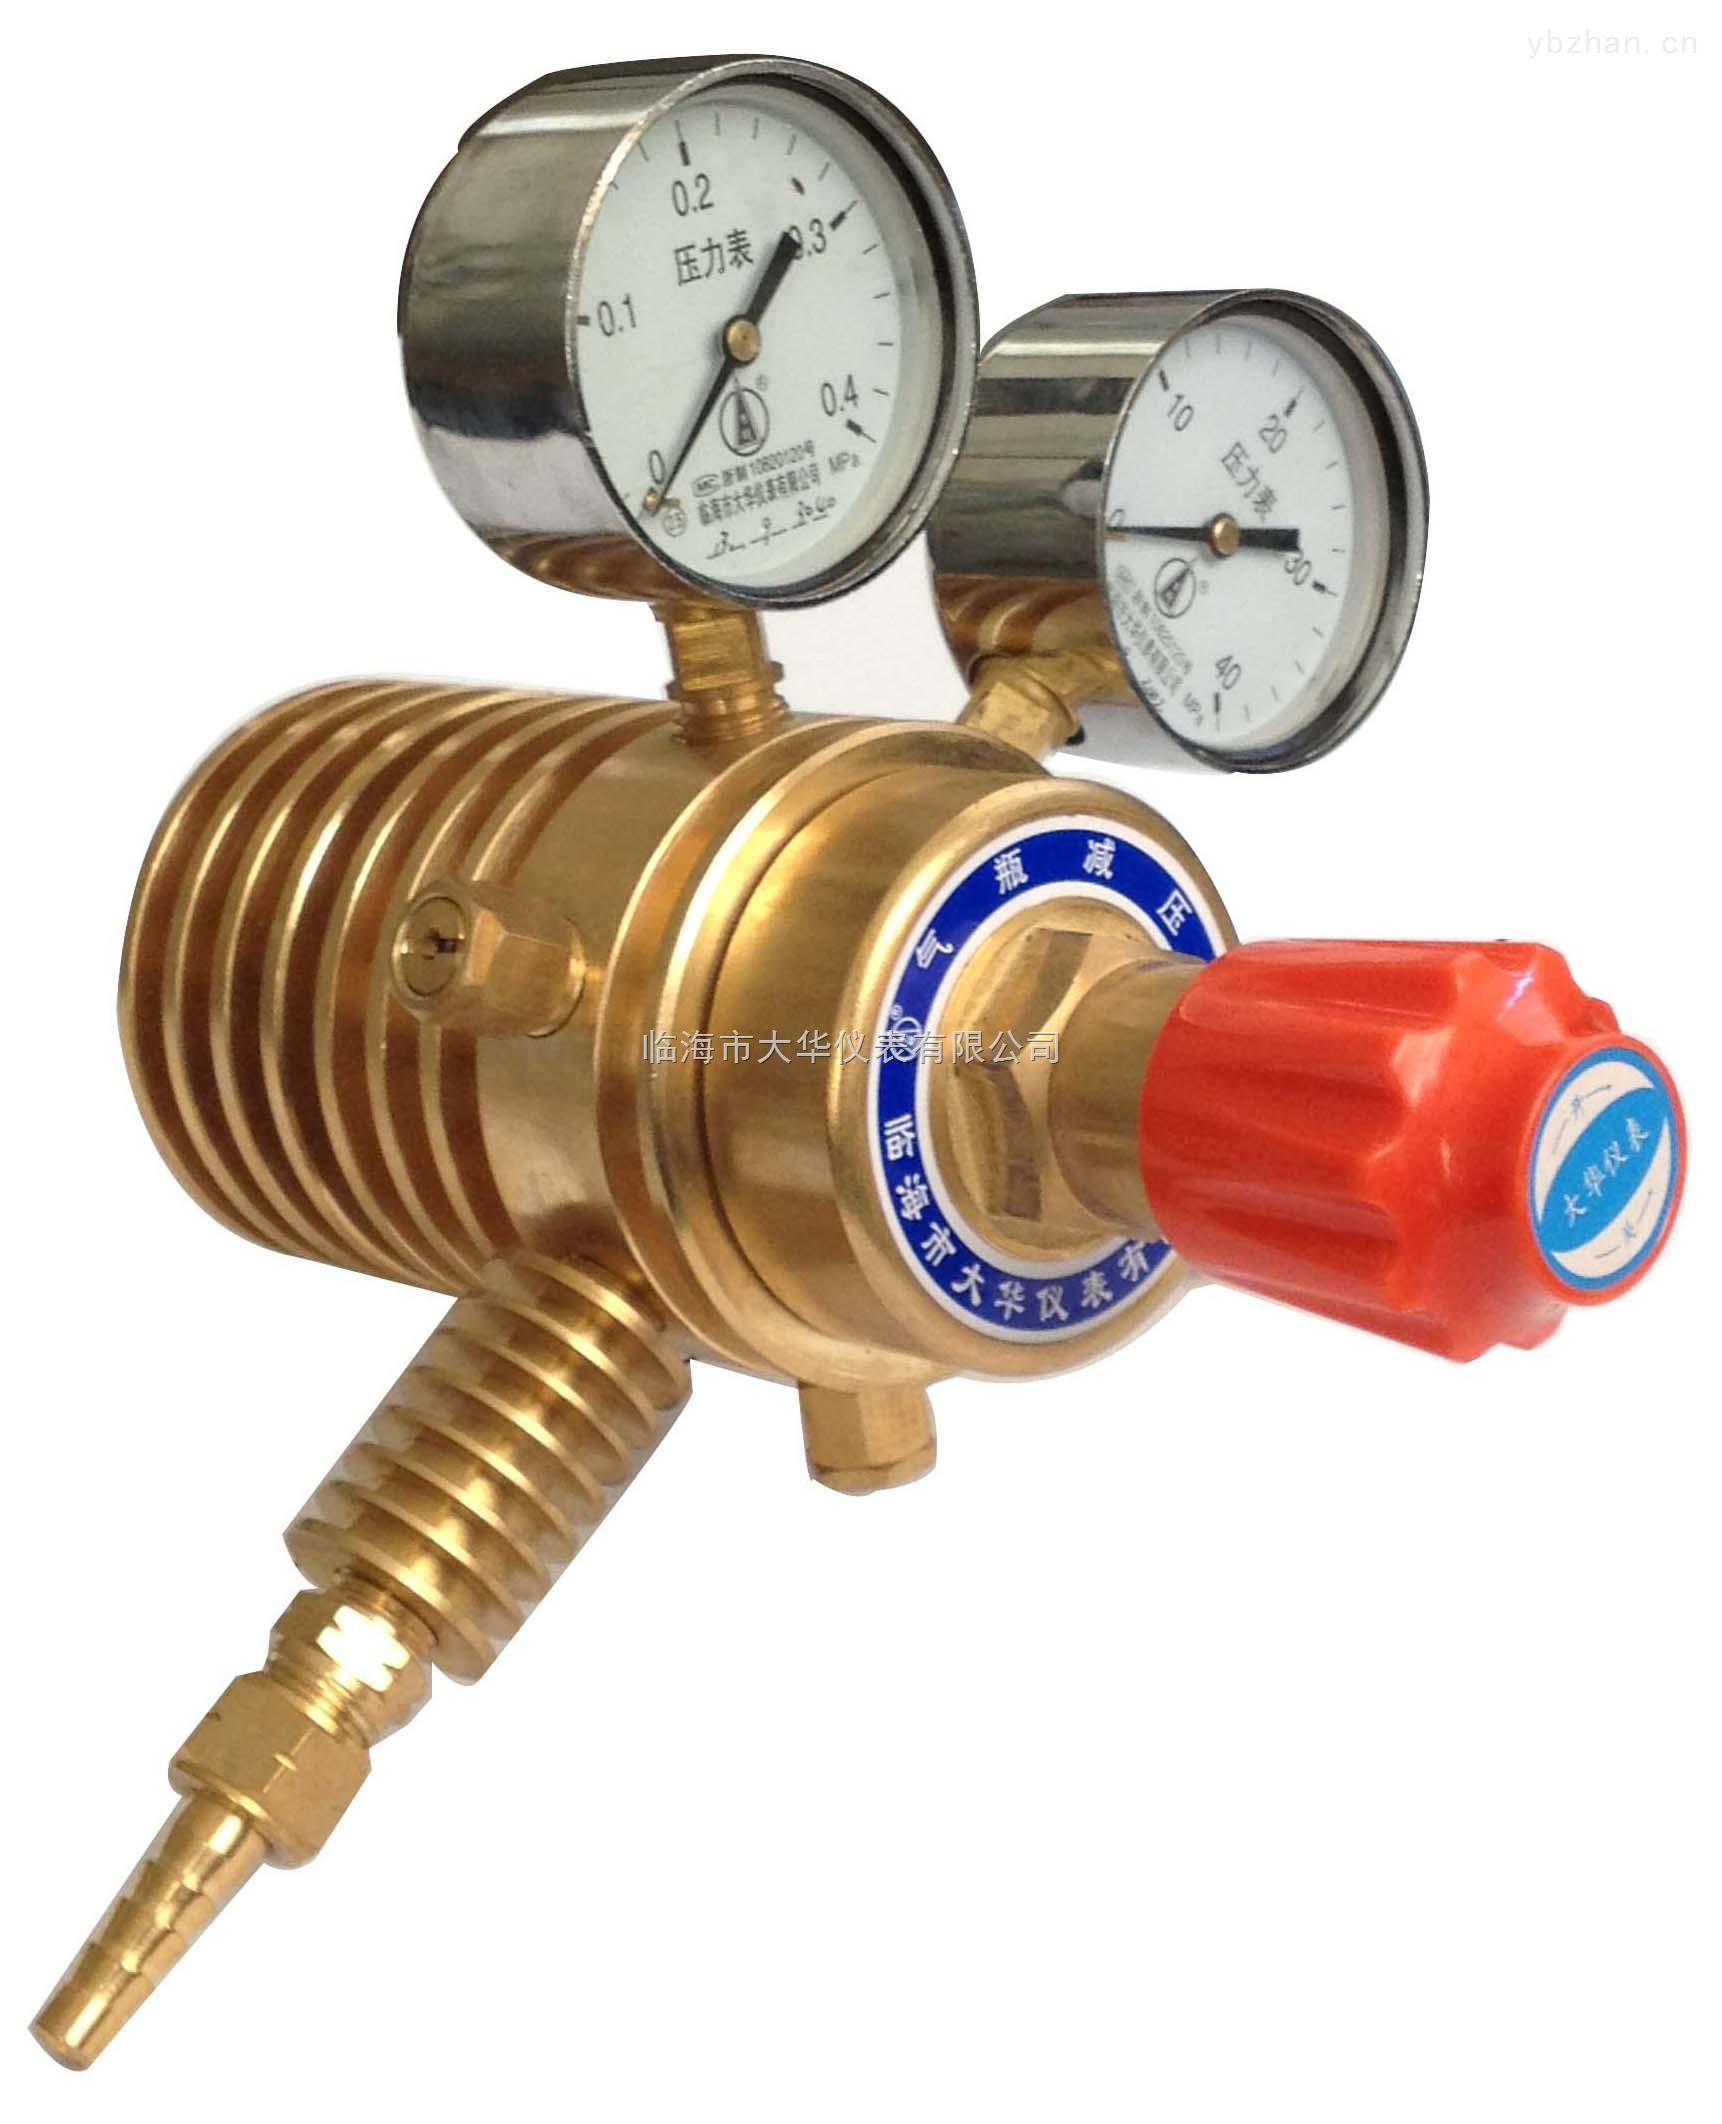 天然氣減壓器吸熱式防凍型全銅